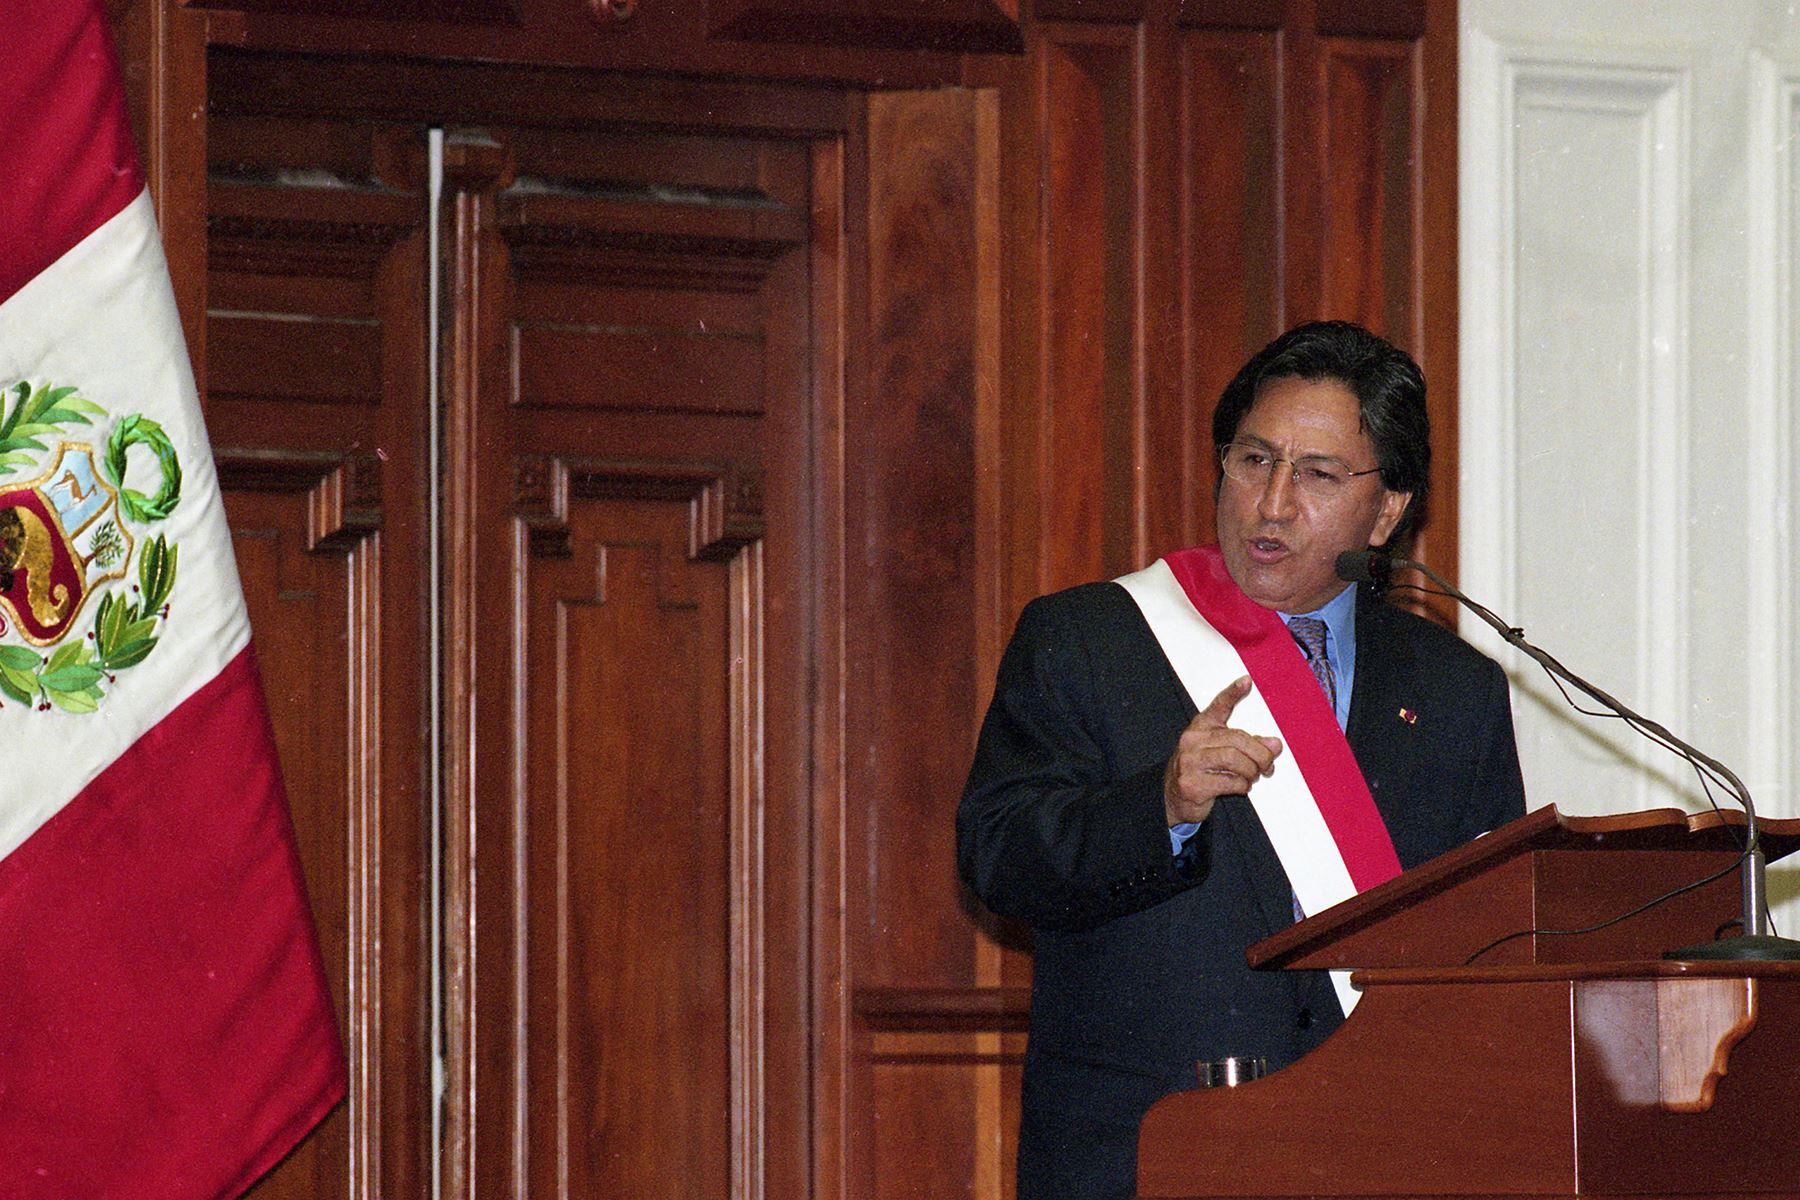 Lima - 28 julio 2001 / Juramentación y mensaje a la nación de Alejandro Toledo Manrique nuevo presidente constitucional de la República.  Foto: Archivo Histórico de EL PERUANO